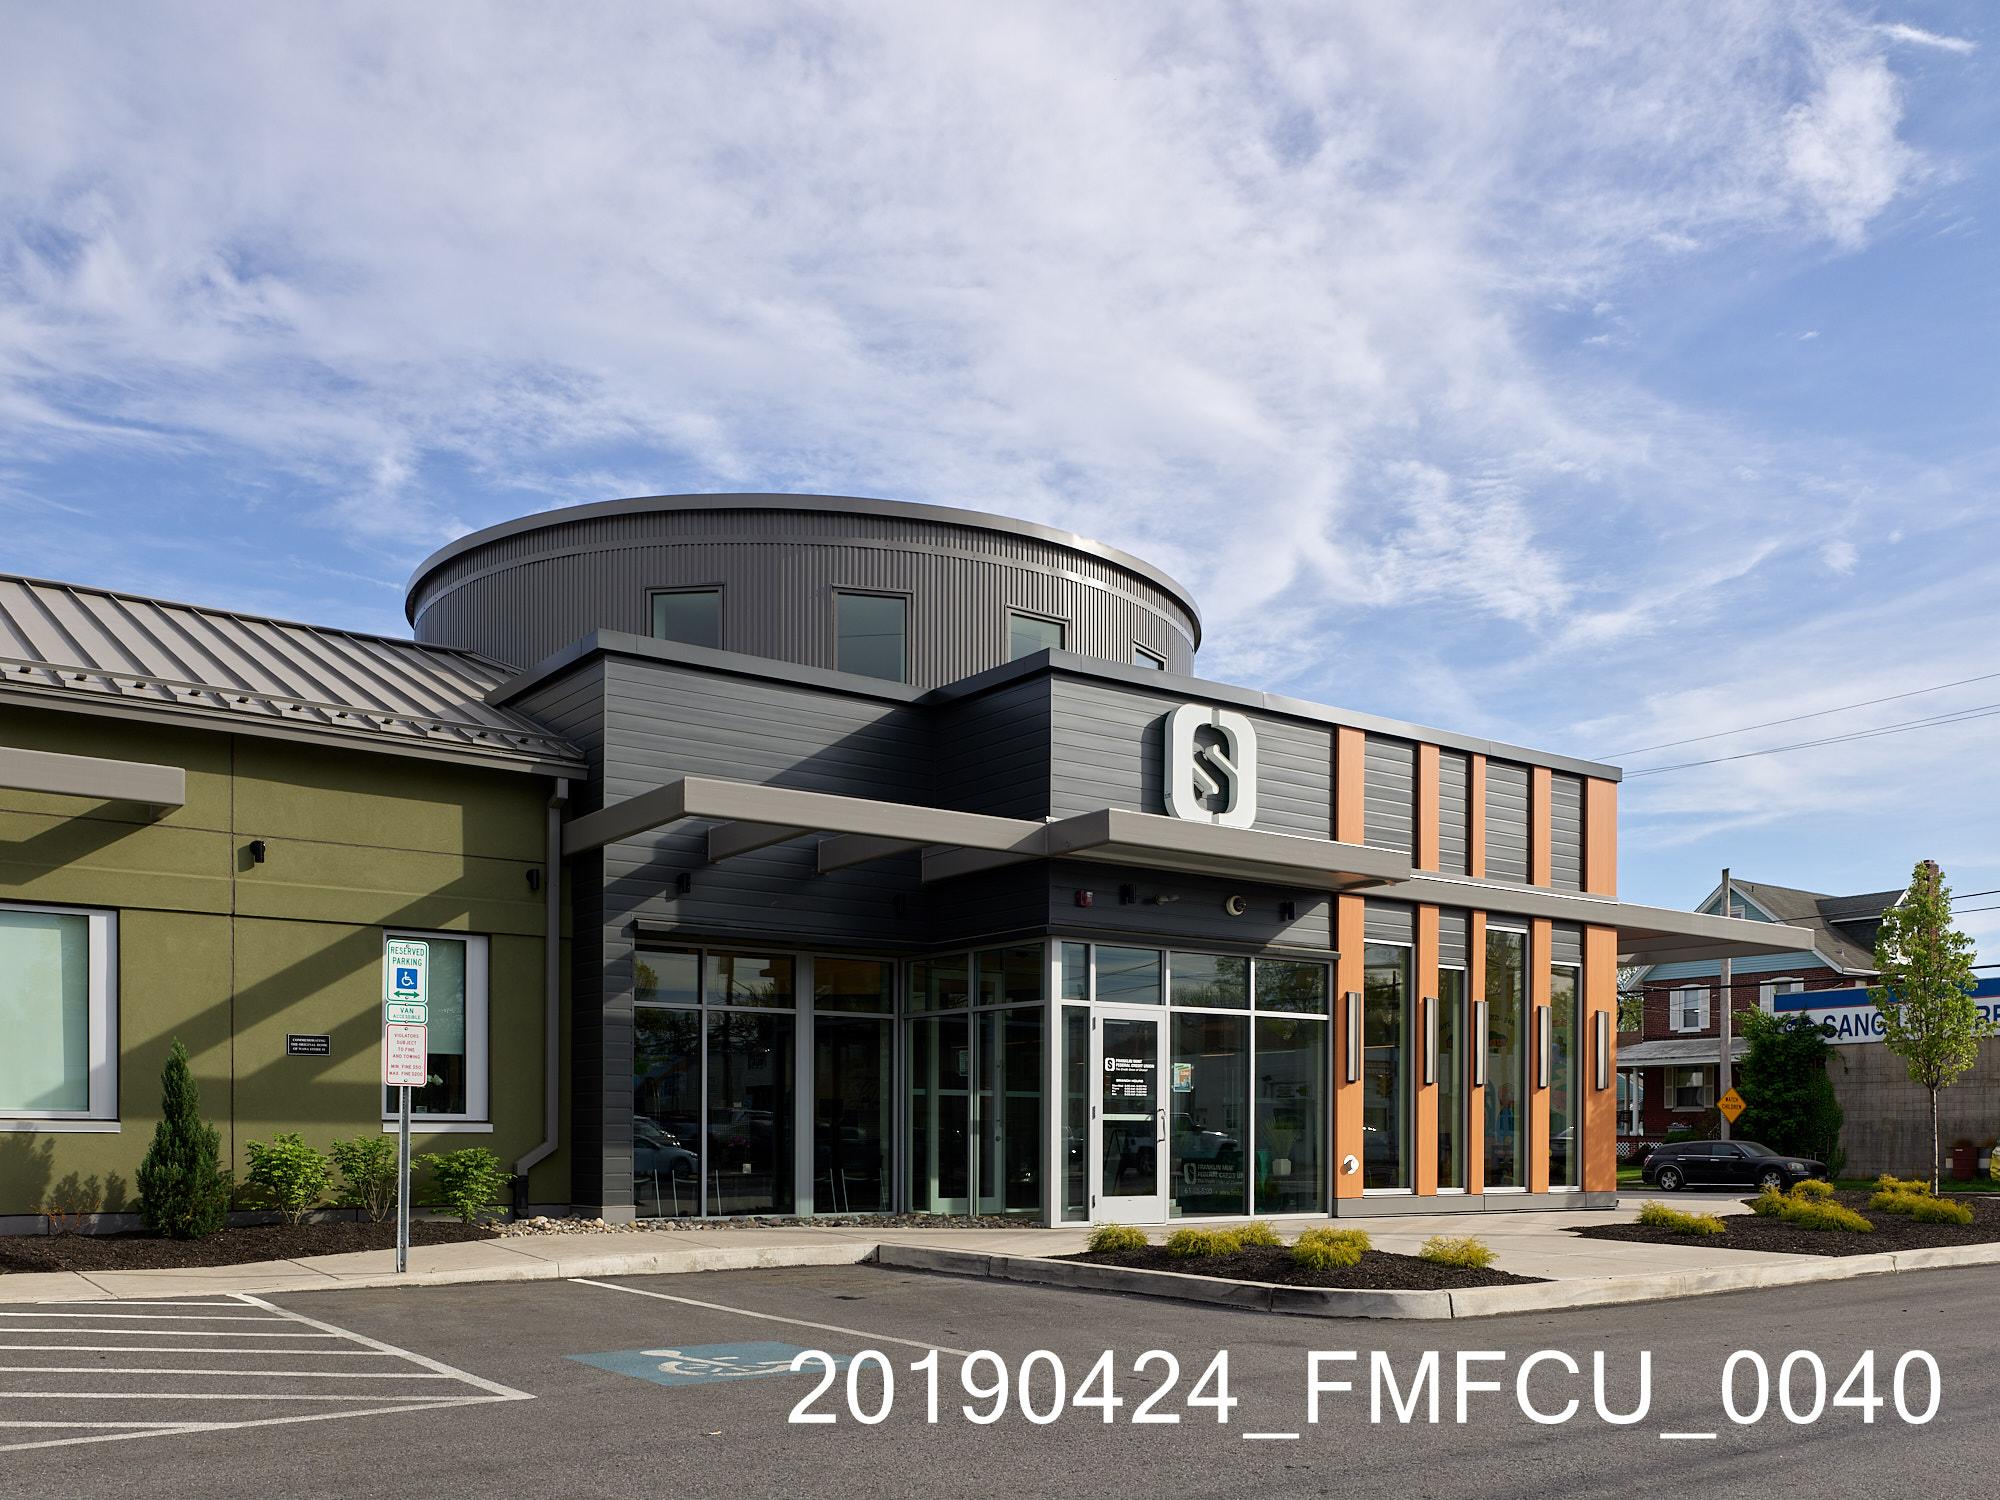 20190424_FMFCU_0040.jpg